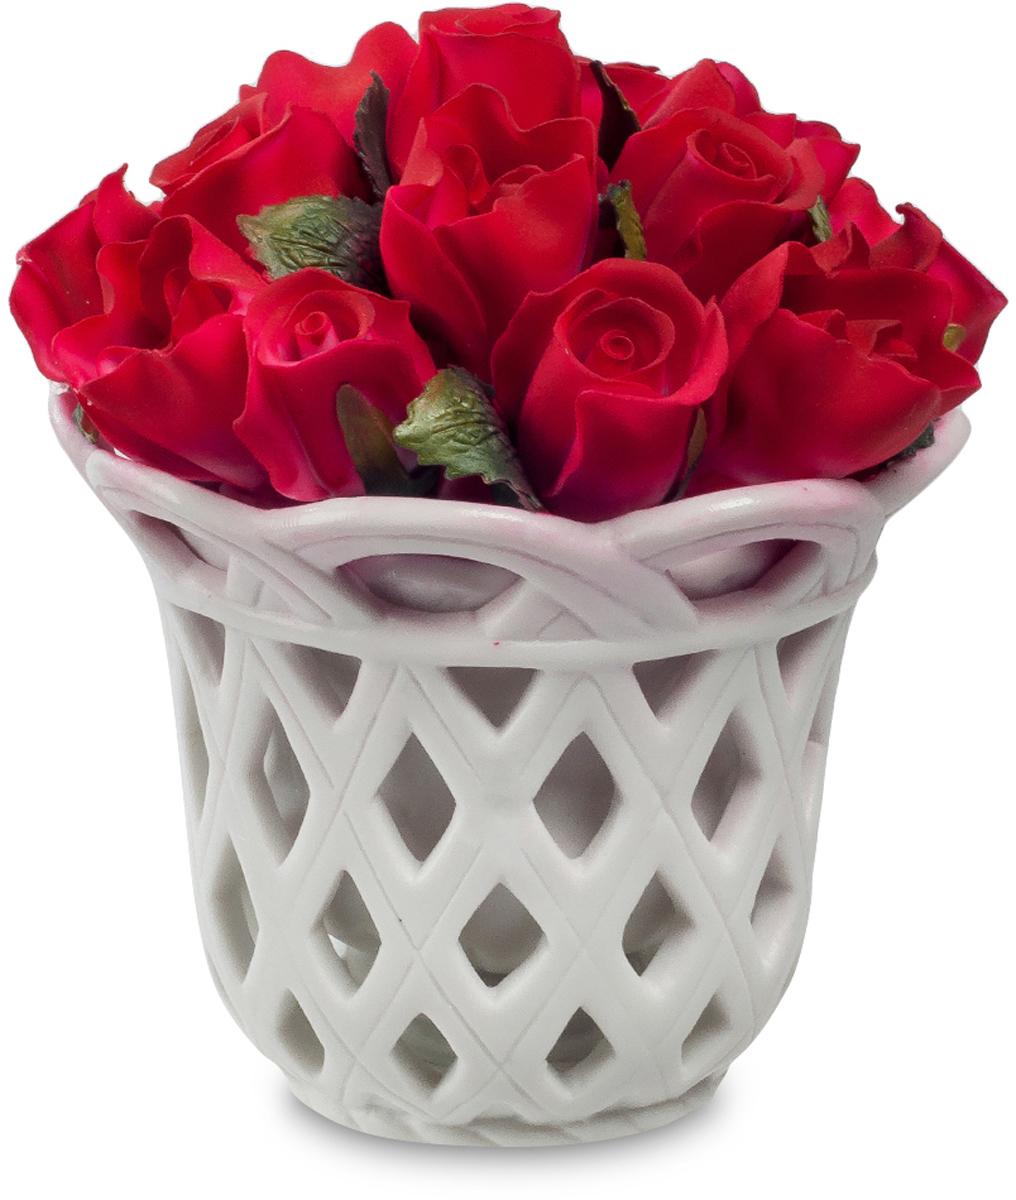 Композиция декоративная Pavone Цветочная корзина, высота 11,5 смCMS-33/65Декоративная композиция Pavone Цветочная корзина, выполненная из высококачественного фарфора, представляет собой букет алых роз в белоснежной вазе. Композиция Pavone Цветочная корзина- изделие с высокой степенью выразительности и декоративности, включающая в себя элементы, которые усиливают ее эмоционально-чувственное восприятие. От латинского decoro - украшаю. То есть декоративная композиция ставит своей целью украшать предметы, интерьер, элементы одежды и прочее. Также изделие станет отличным подарком.